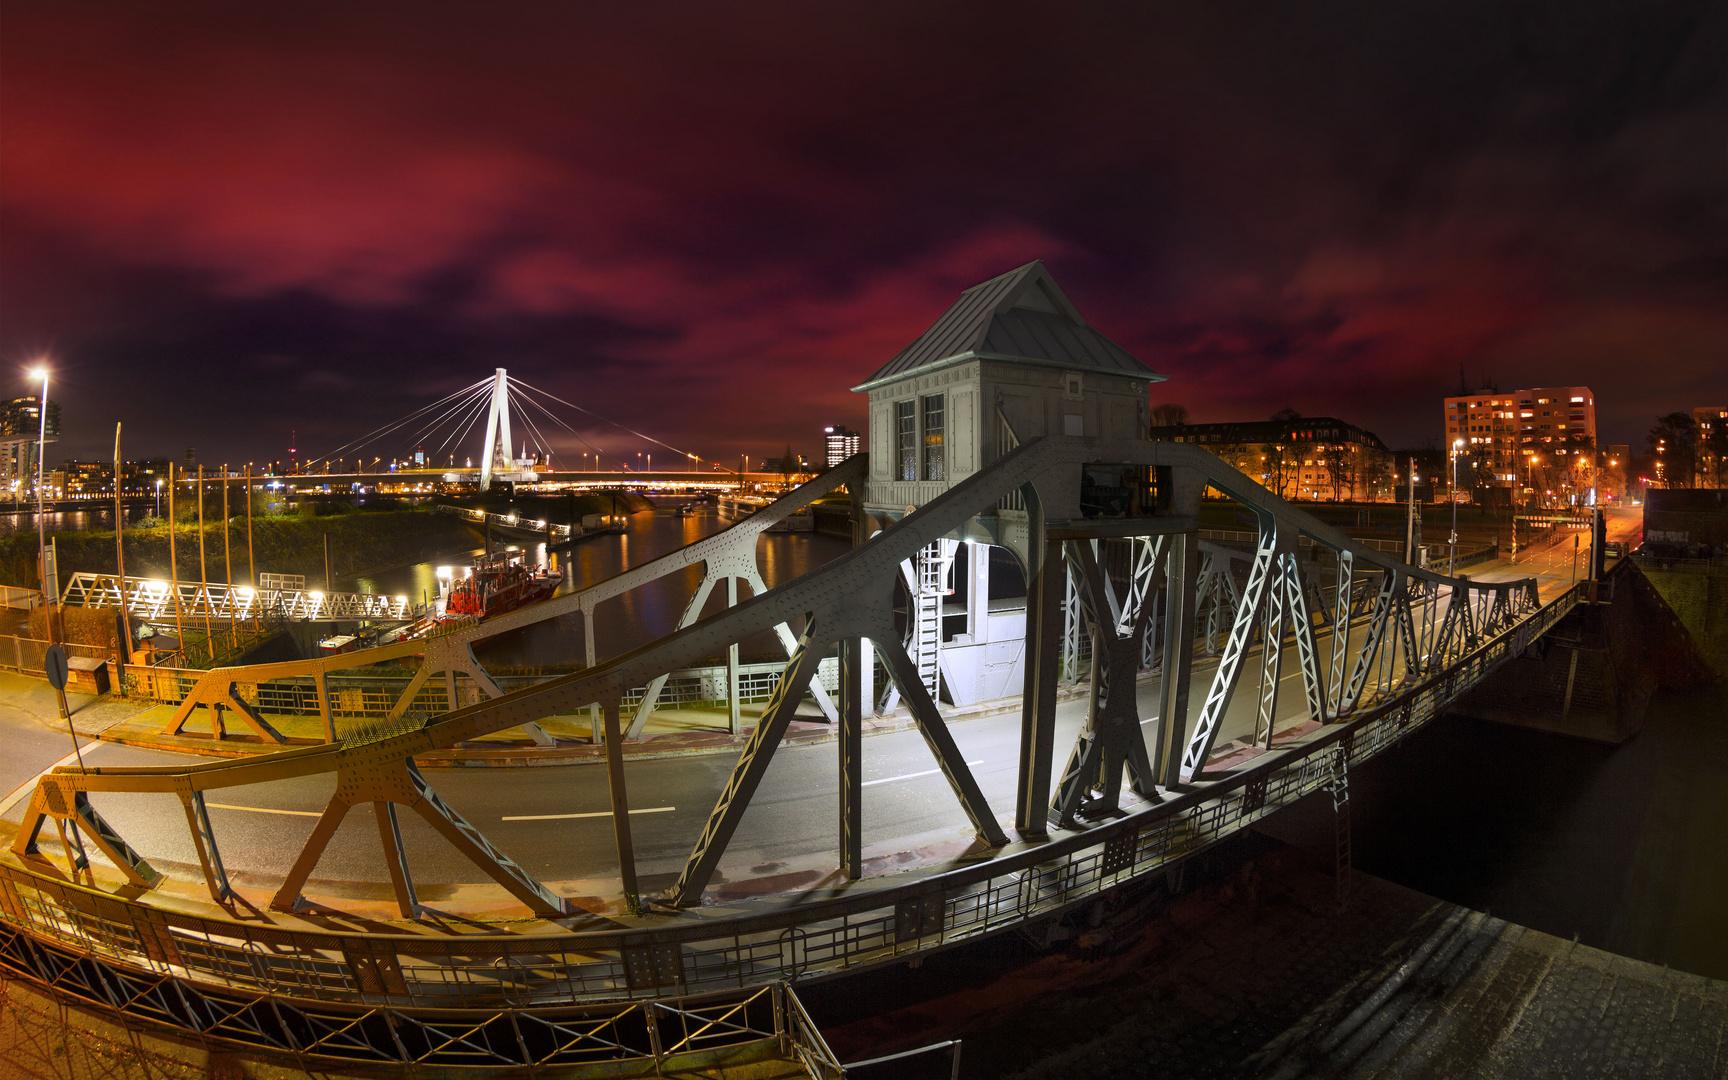 Drehbrücke Deutzer Hafen in Köln